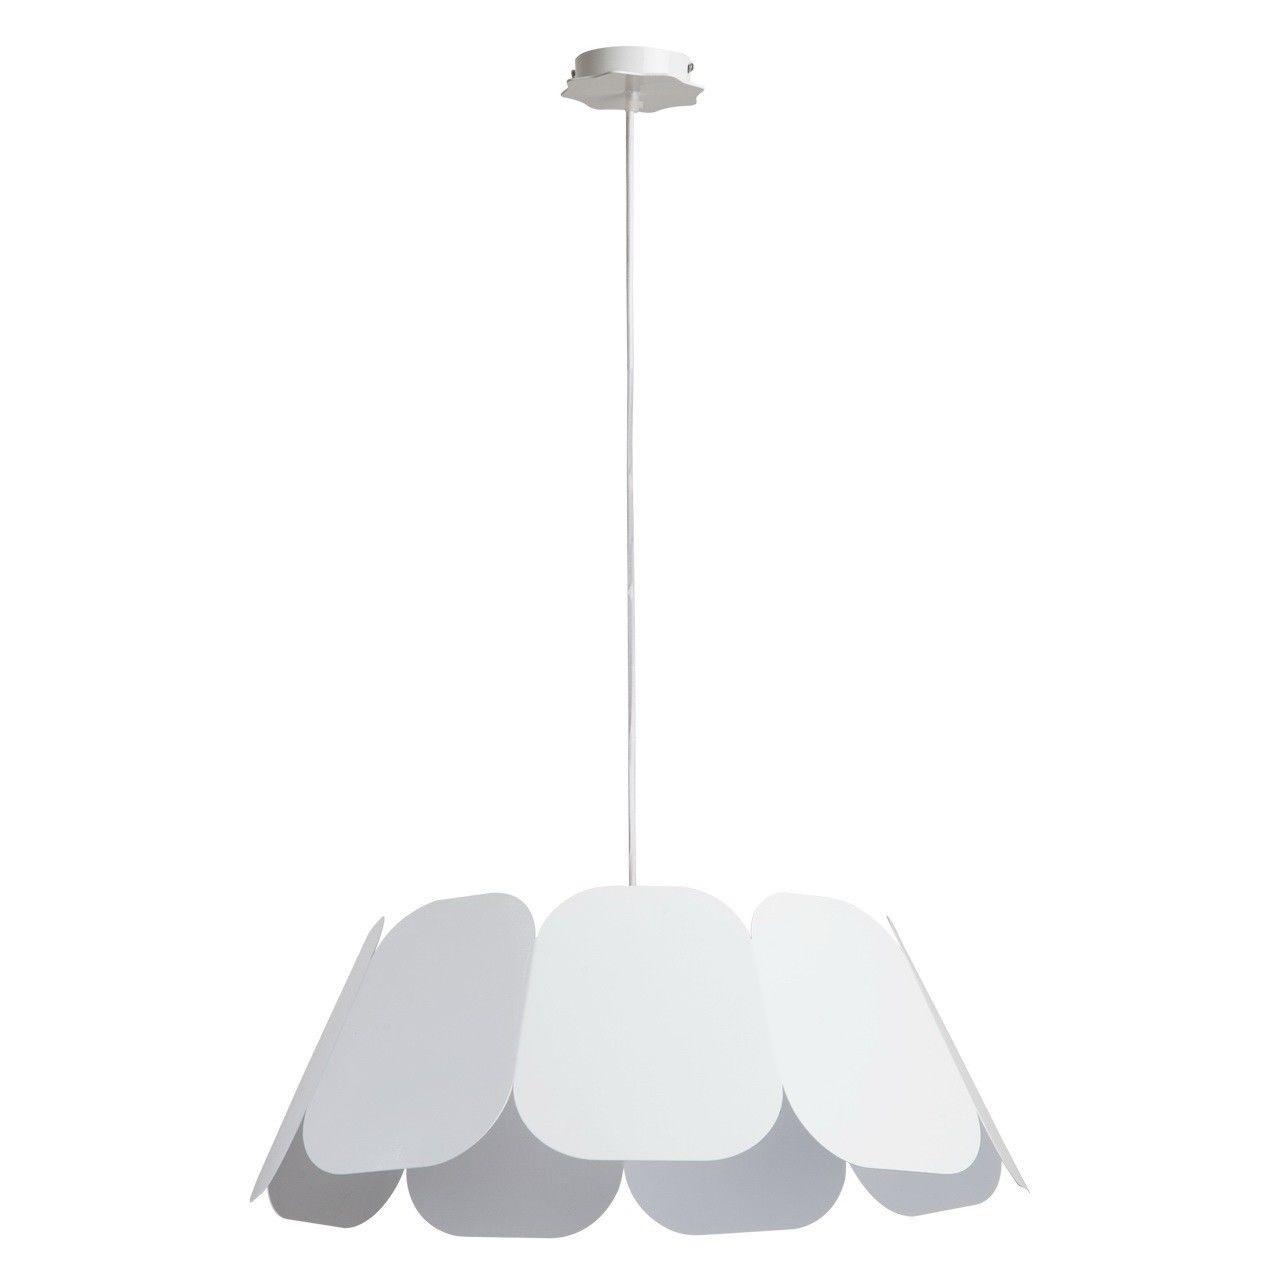 Люстра RegenbogenЛюстры<br>Назначение светильника: для комнаты, Стиль светильника: модерн, Тип: потолочная, Материал светильника: металл, Материал плафона: металл, Материал арматуры: металл, Длина (мм): 250, Ширина: 850, Диаметр: 600, Высота: 1200, Количество ламп: 3, Тип лампы: накаливания, Мощность: 60, Патрон: Е27, Цвет арматуры: белый, Родина бренда: Германия, Коллекция: Кассель<br>